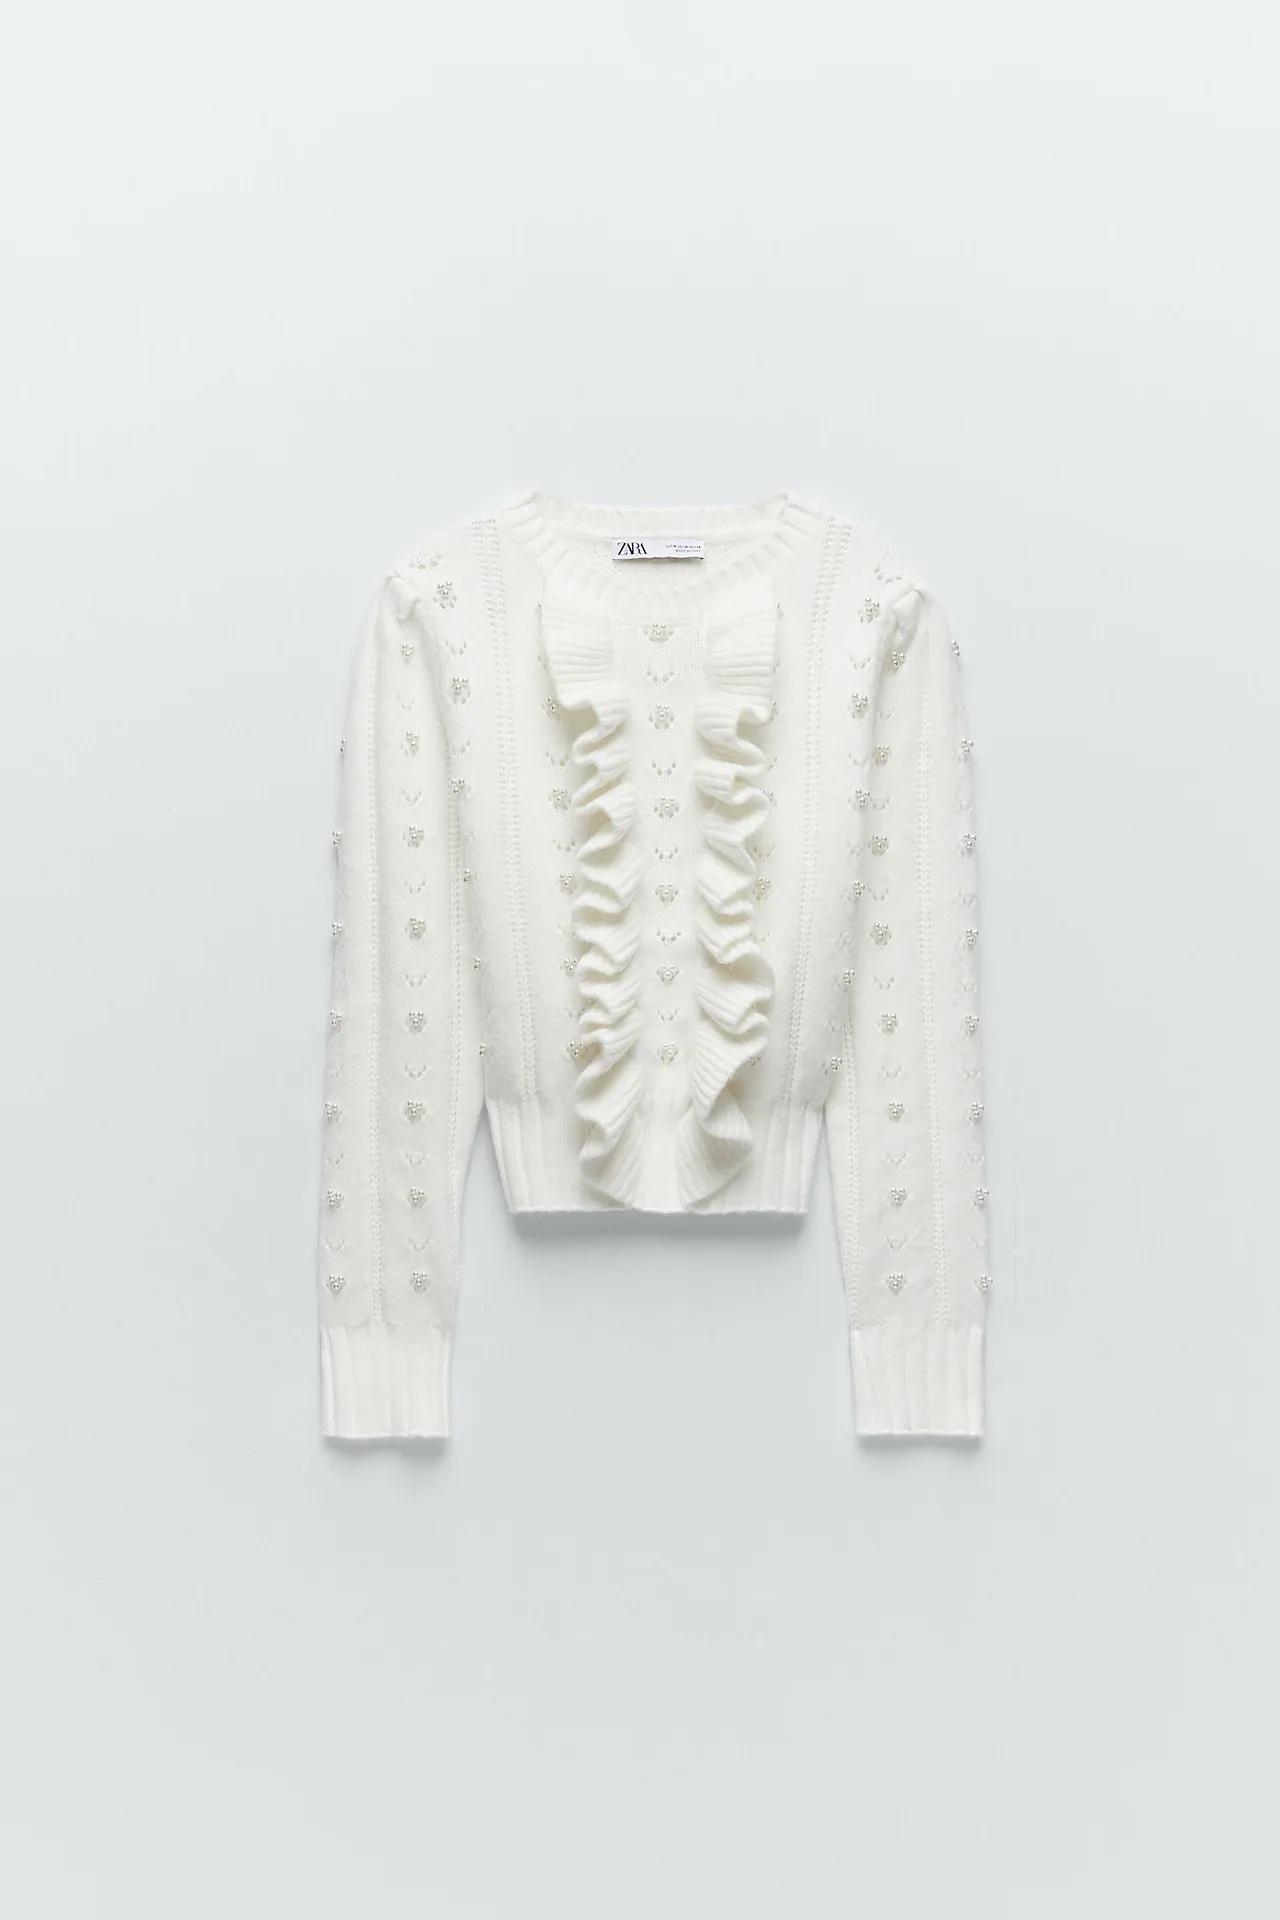 Zara: Estos son los jerséis de punto perfectos para actualizar tu armario esta temporada